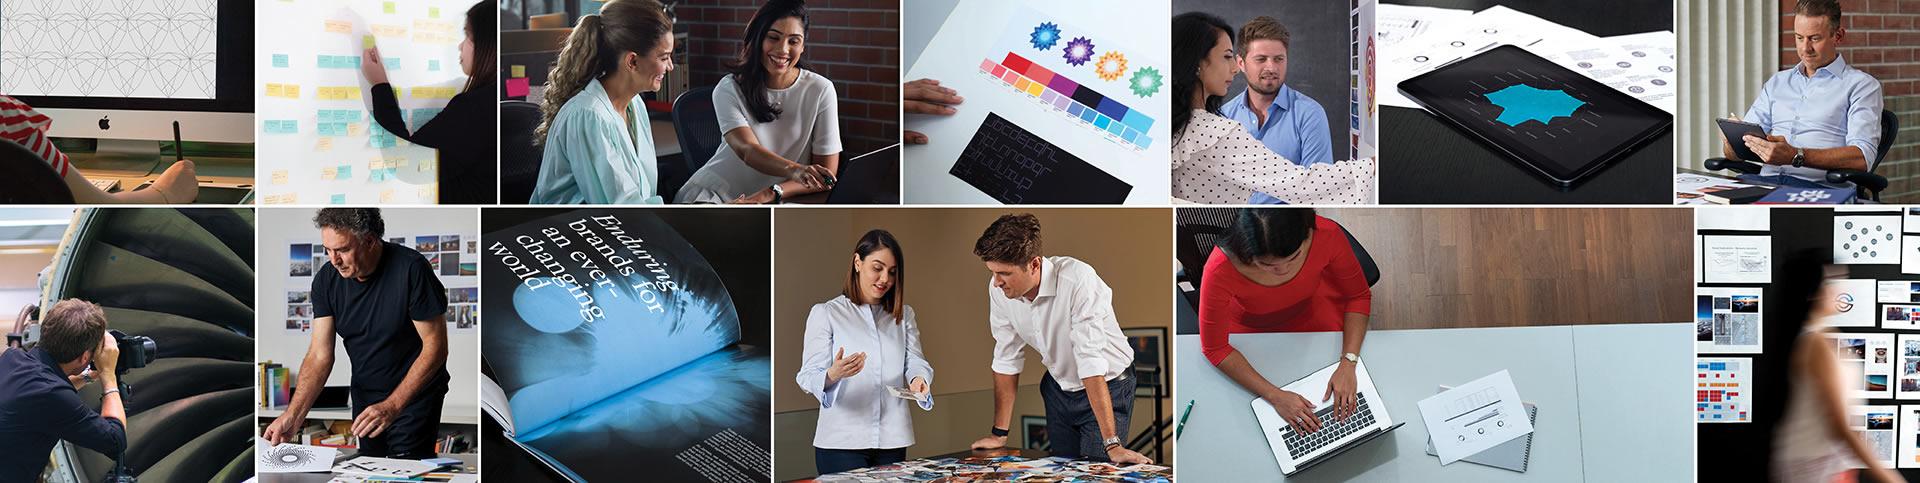 Branding Agency in Dubai